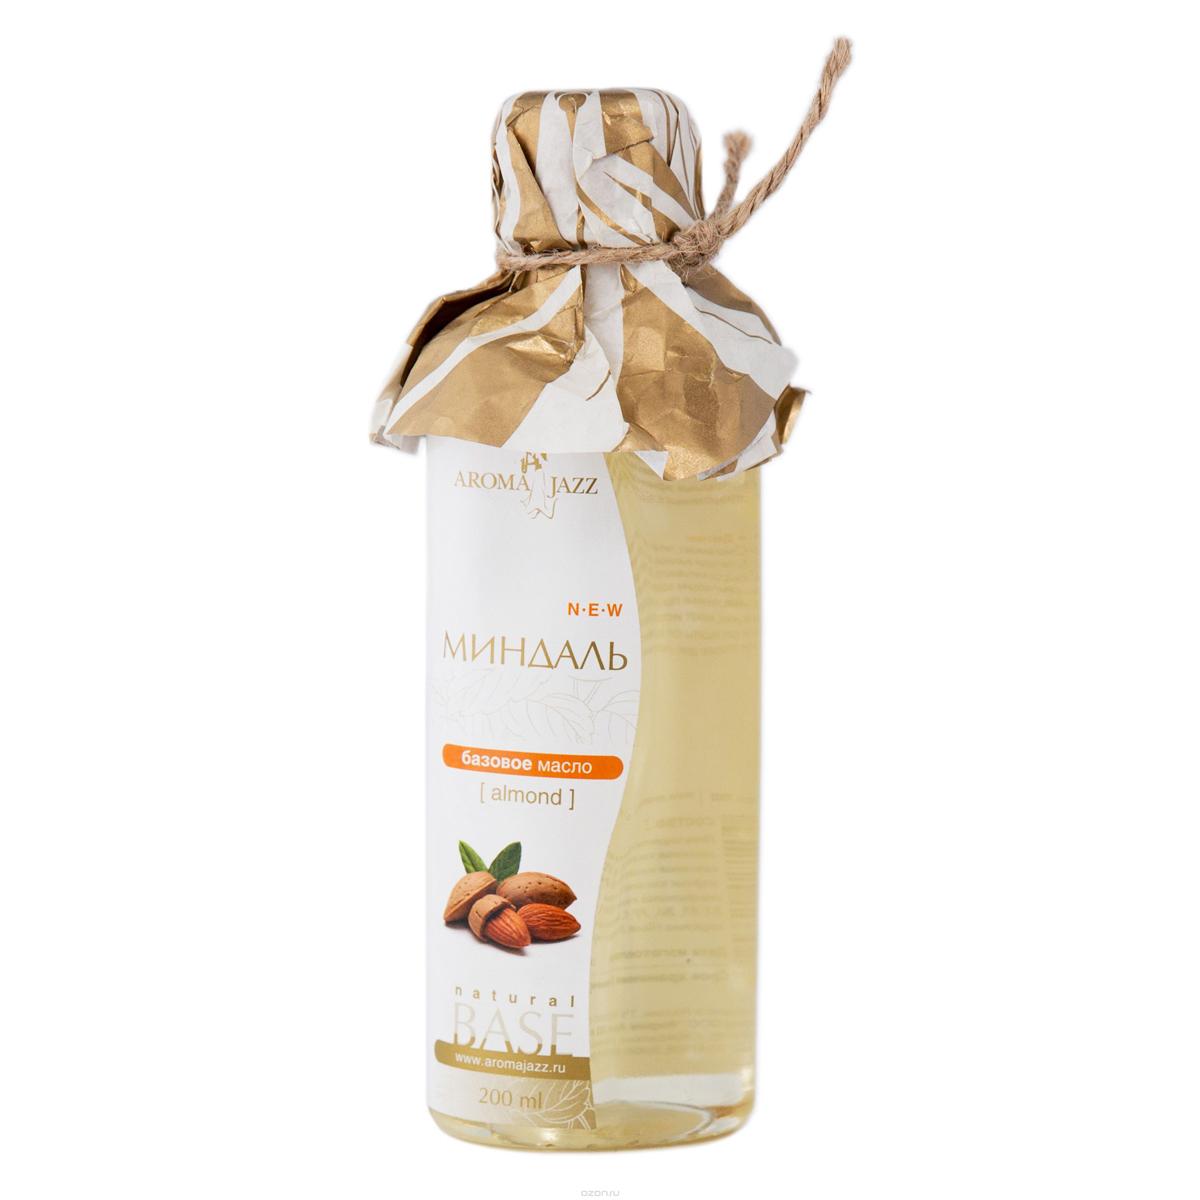 Aroma Jazz Масло базовое Миндаль, 200 млFS-00897Действие: омолаживает, питает и увлажняет кожу. Благодаря высокому содержанию олеиновой кислоты, быстро впитывается. Обладает успокаивающим и смягчающим эффектом. Масло поддерживает естественные процессы регенерации кожи в ночное время, может использоваться при снятии макияжа и для защиты от холода. Не имеет противопоказаний и подходит для любого типа кожи. Противопоказания: аллергическая реакция на составляющие компоненты. Срок хранения: 24 месяца. После вскрытия упаковки рекомендуется использовать помпу, использовать в течении 6 месяцев. Не рекомендуется снимать помпу до завершения использования.